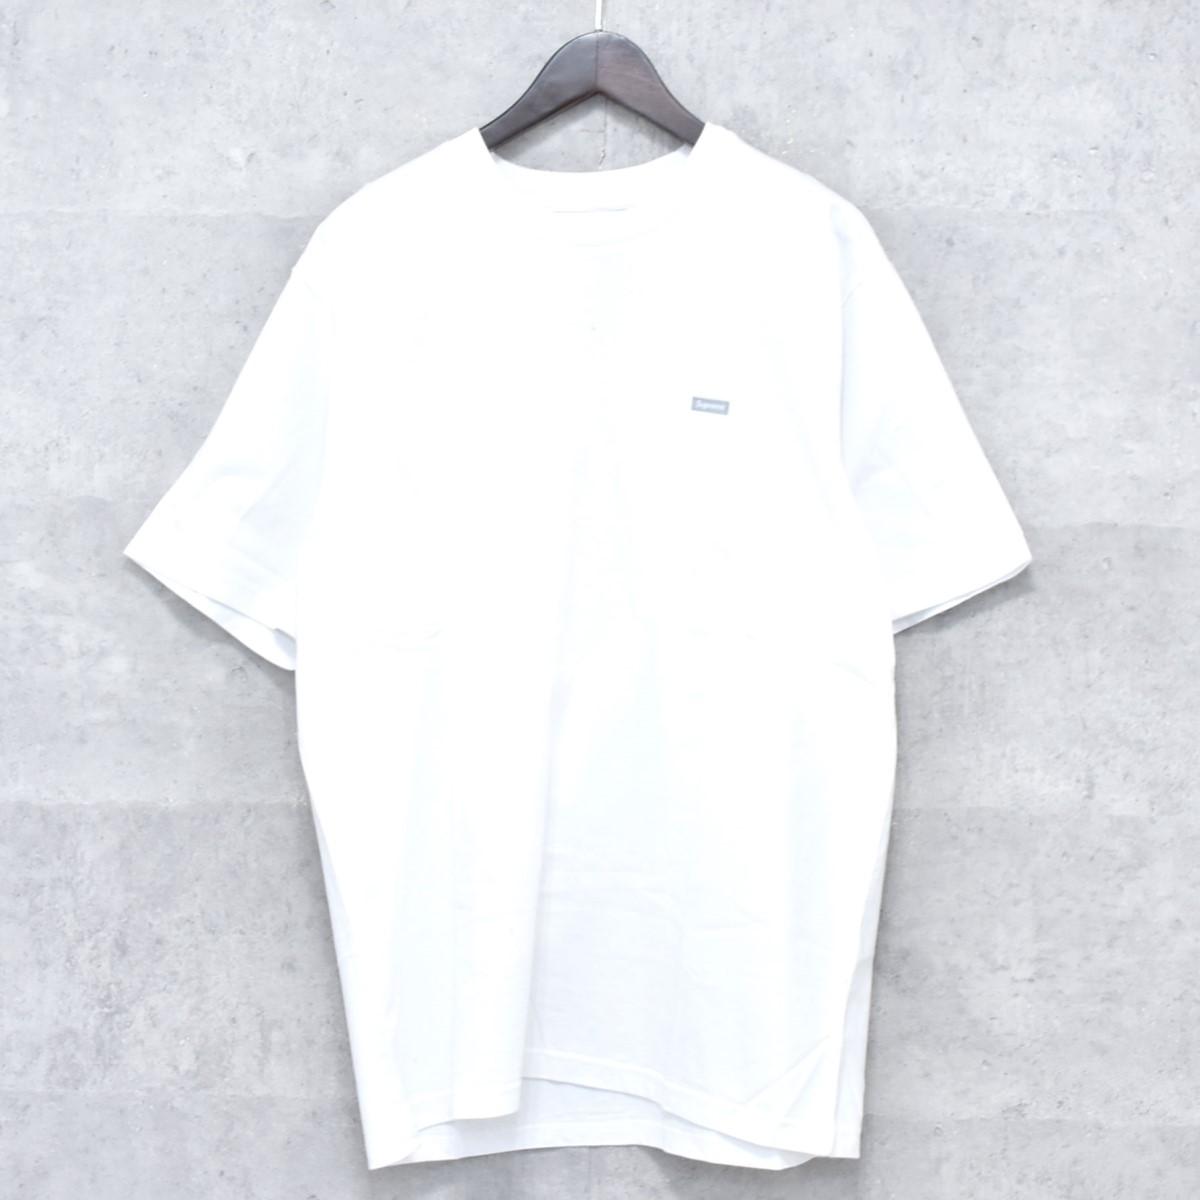 【中古】SUPREME 2018A/W Reflective Small Boxロゴ Tシャツ ホワイト サイズ:L 【送料無料】 【041118】(シュプリーム)